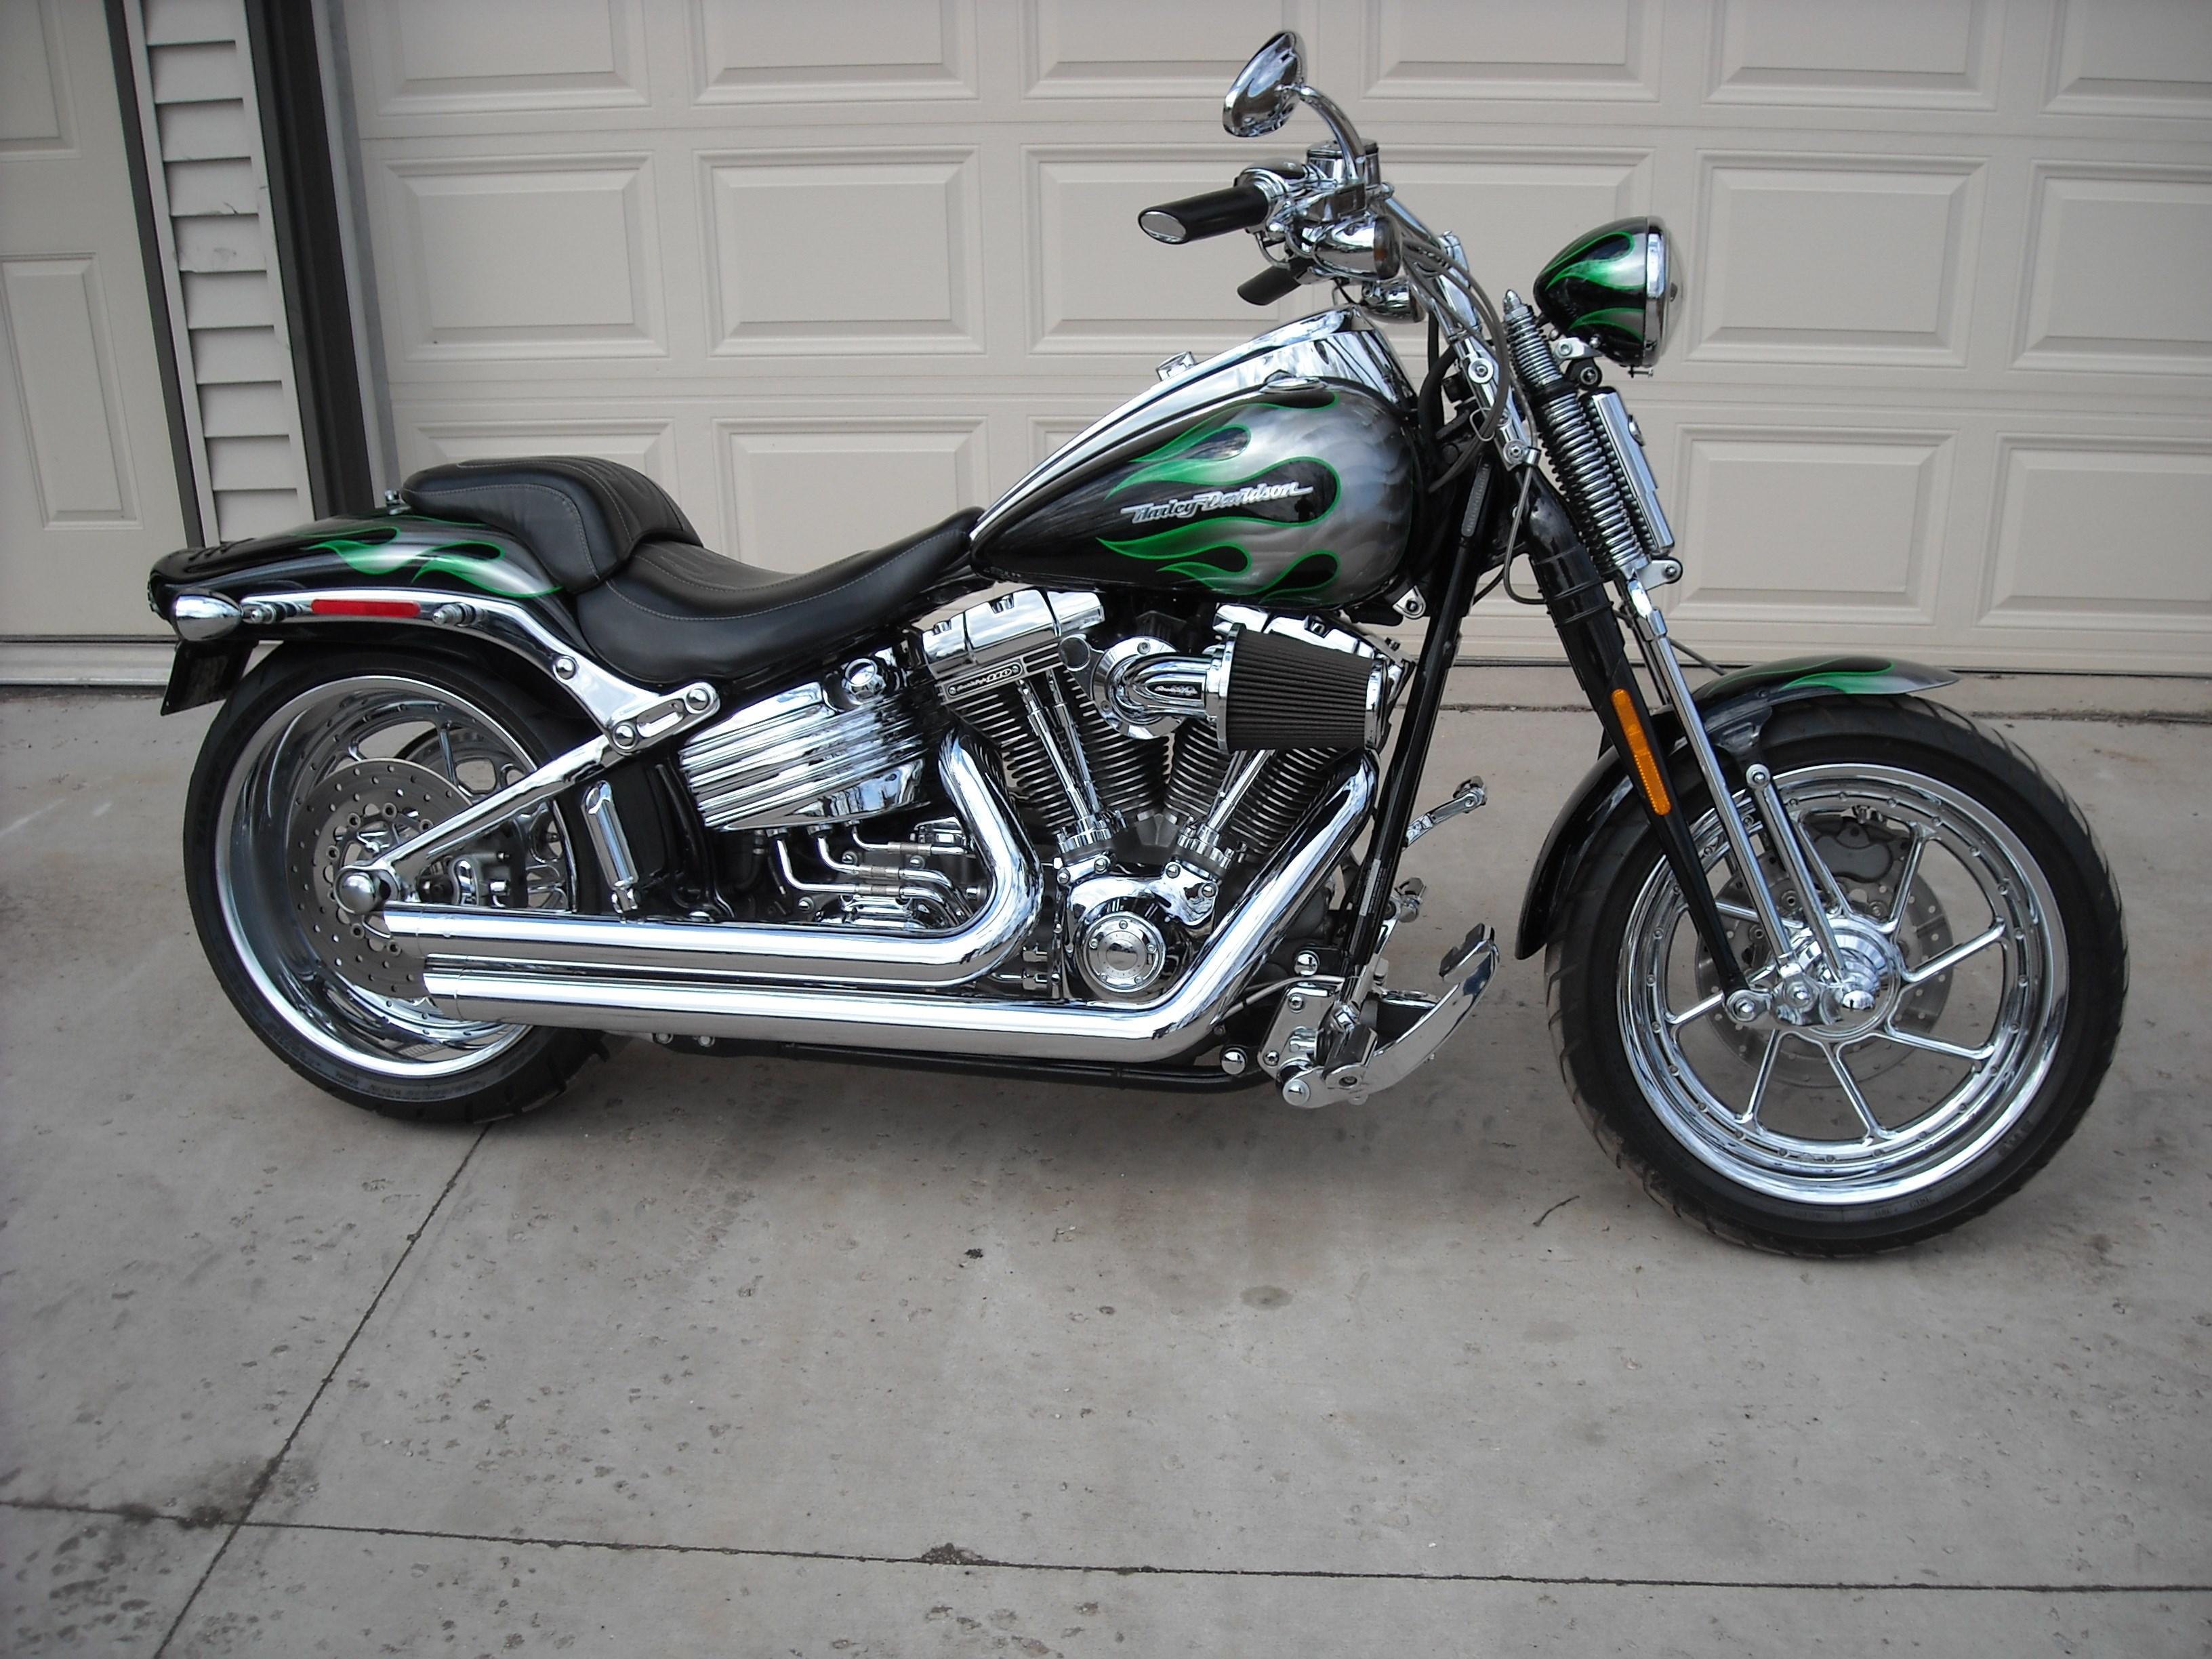 2009 Harley Davidson 174 Fxstsse3 Cvo Softail 174 Springer